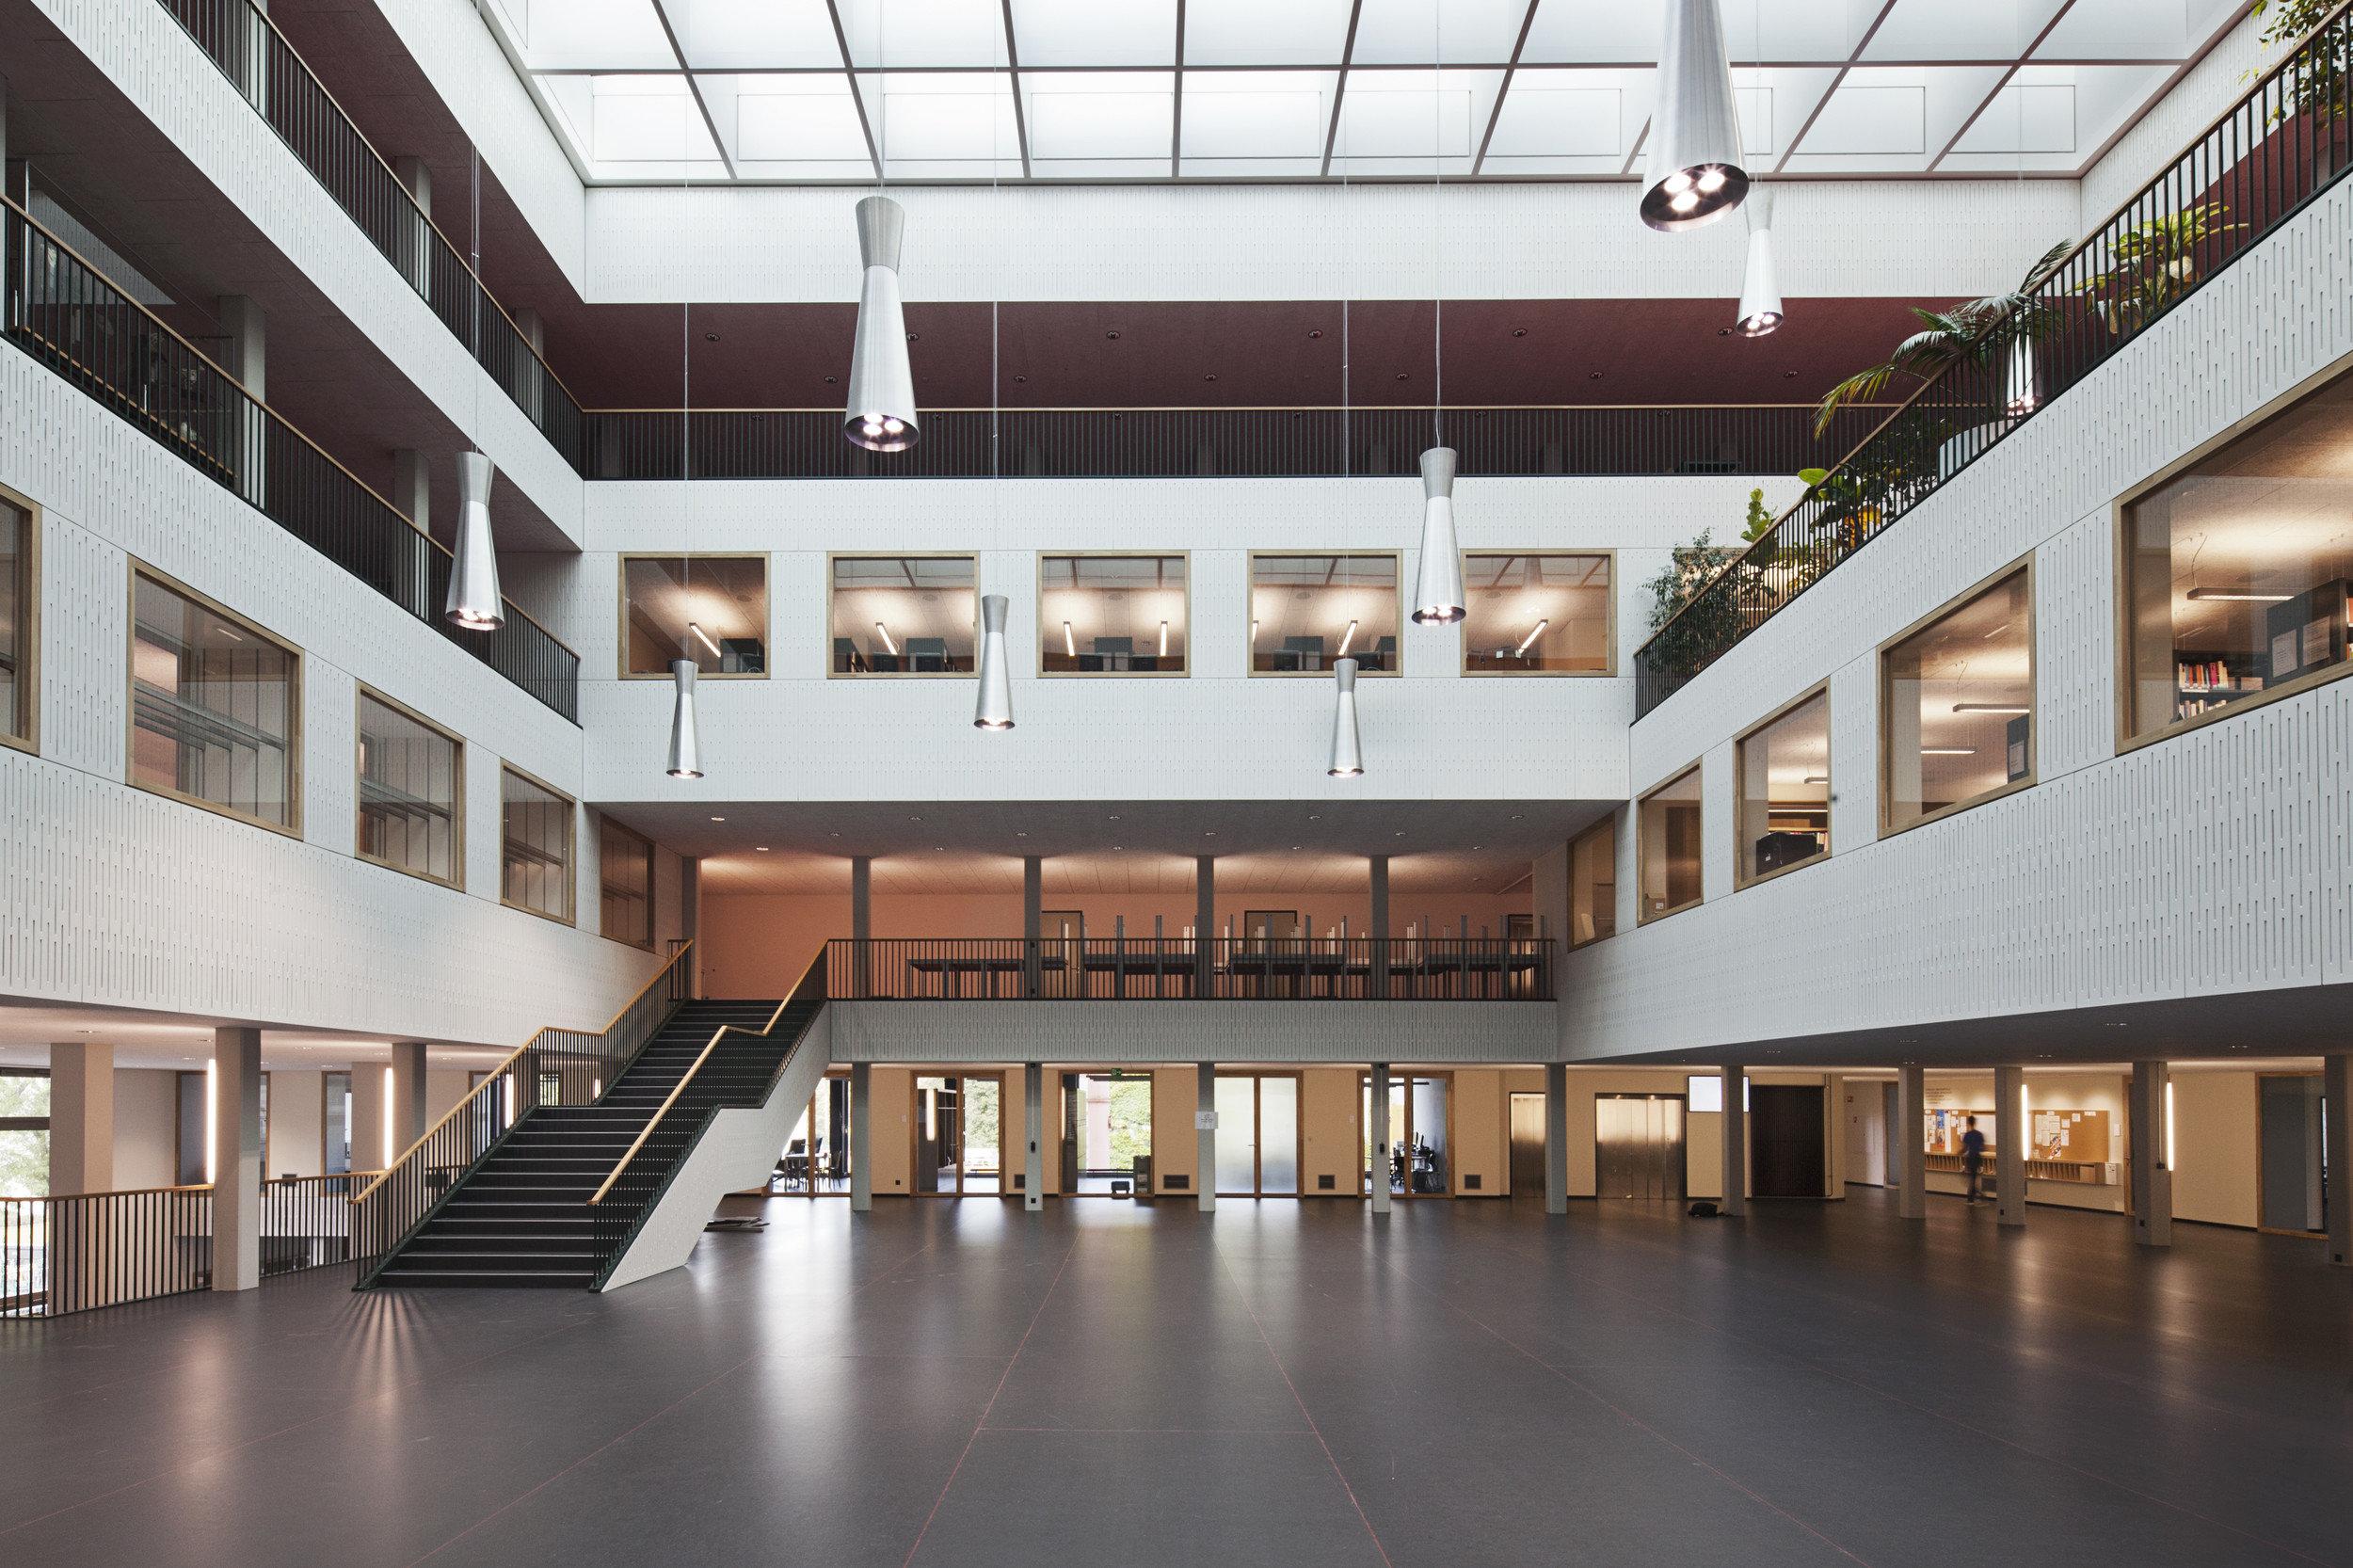 offener Eingangsbereich von innen mit grossen Indoorfenstern